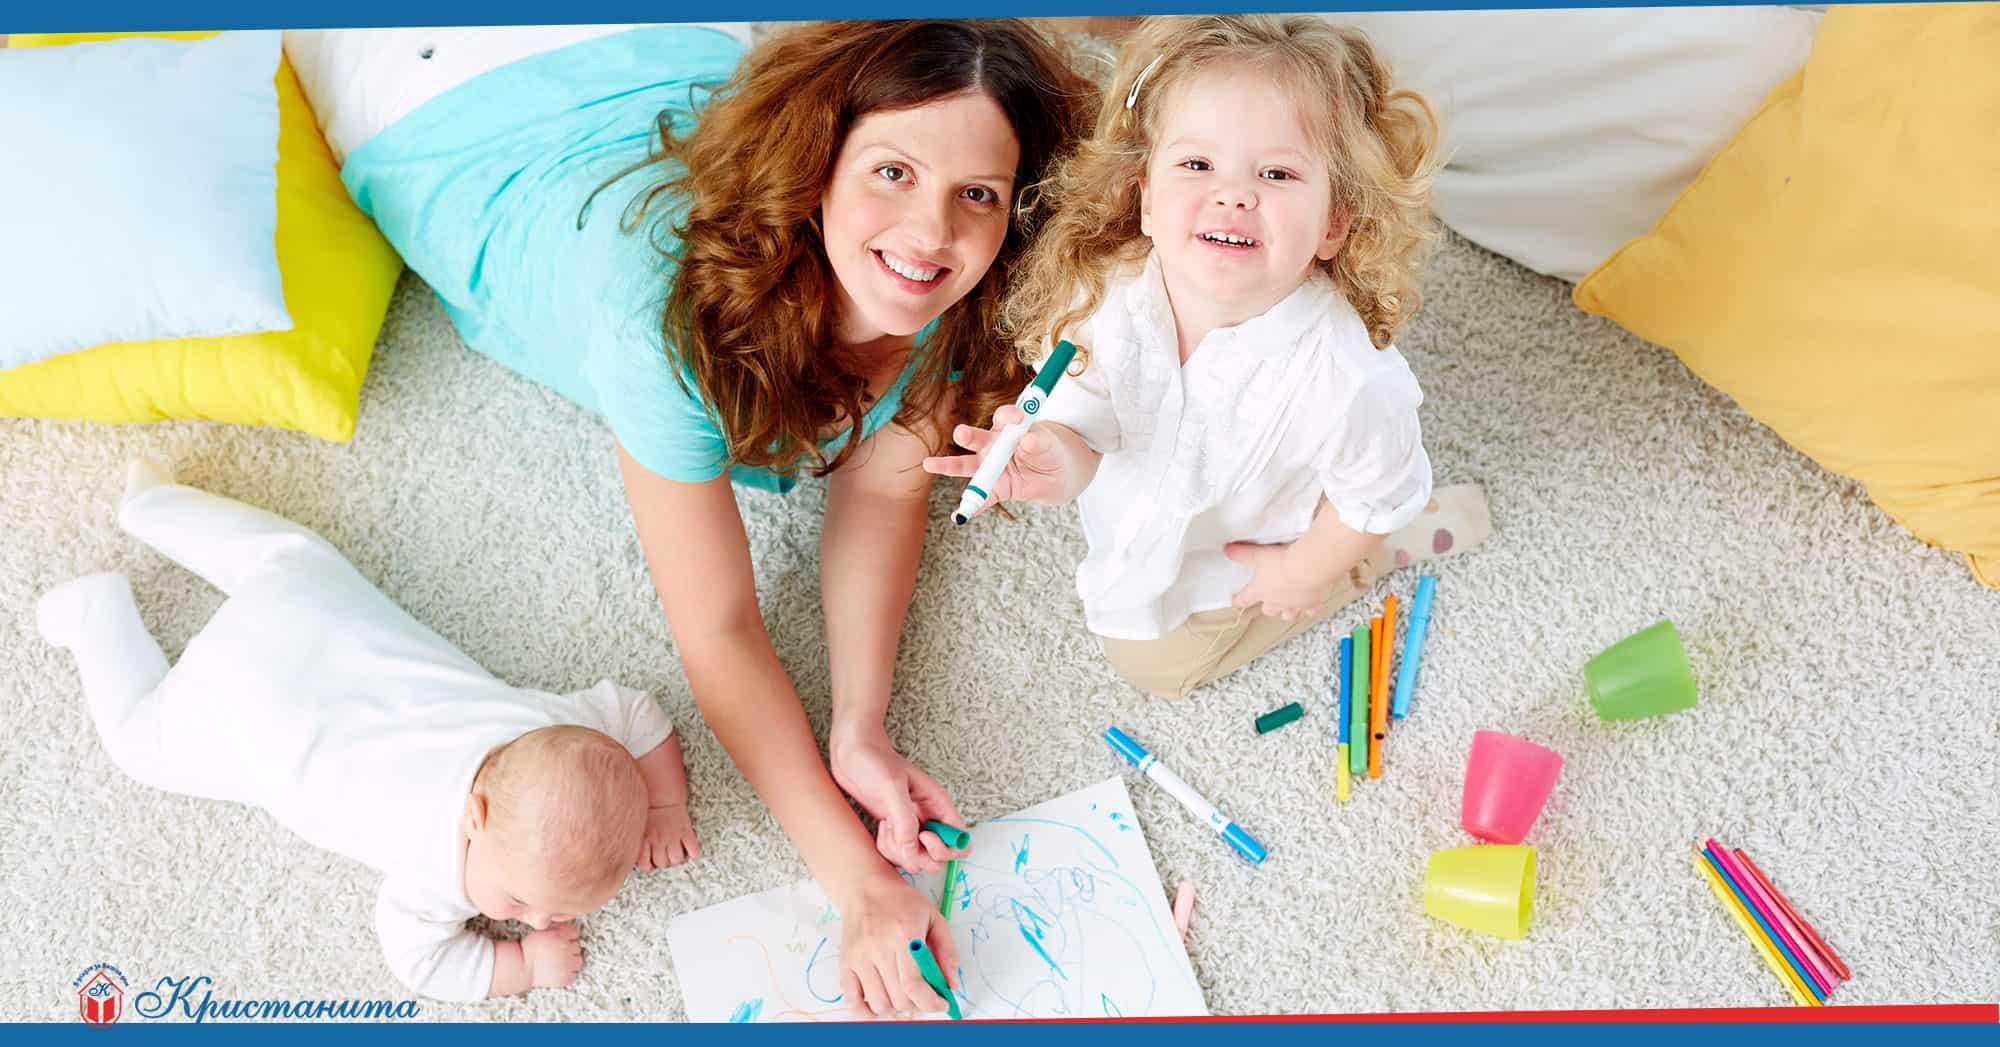 най-подходящата детегледачка